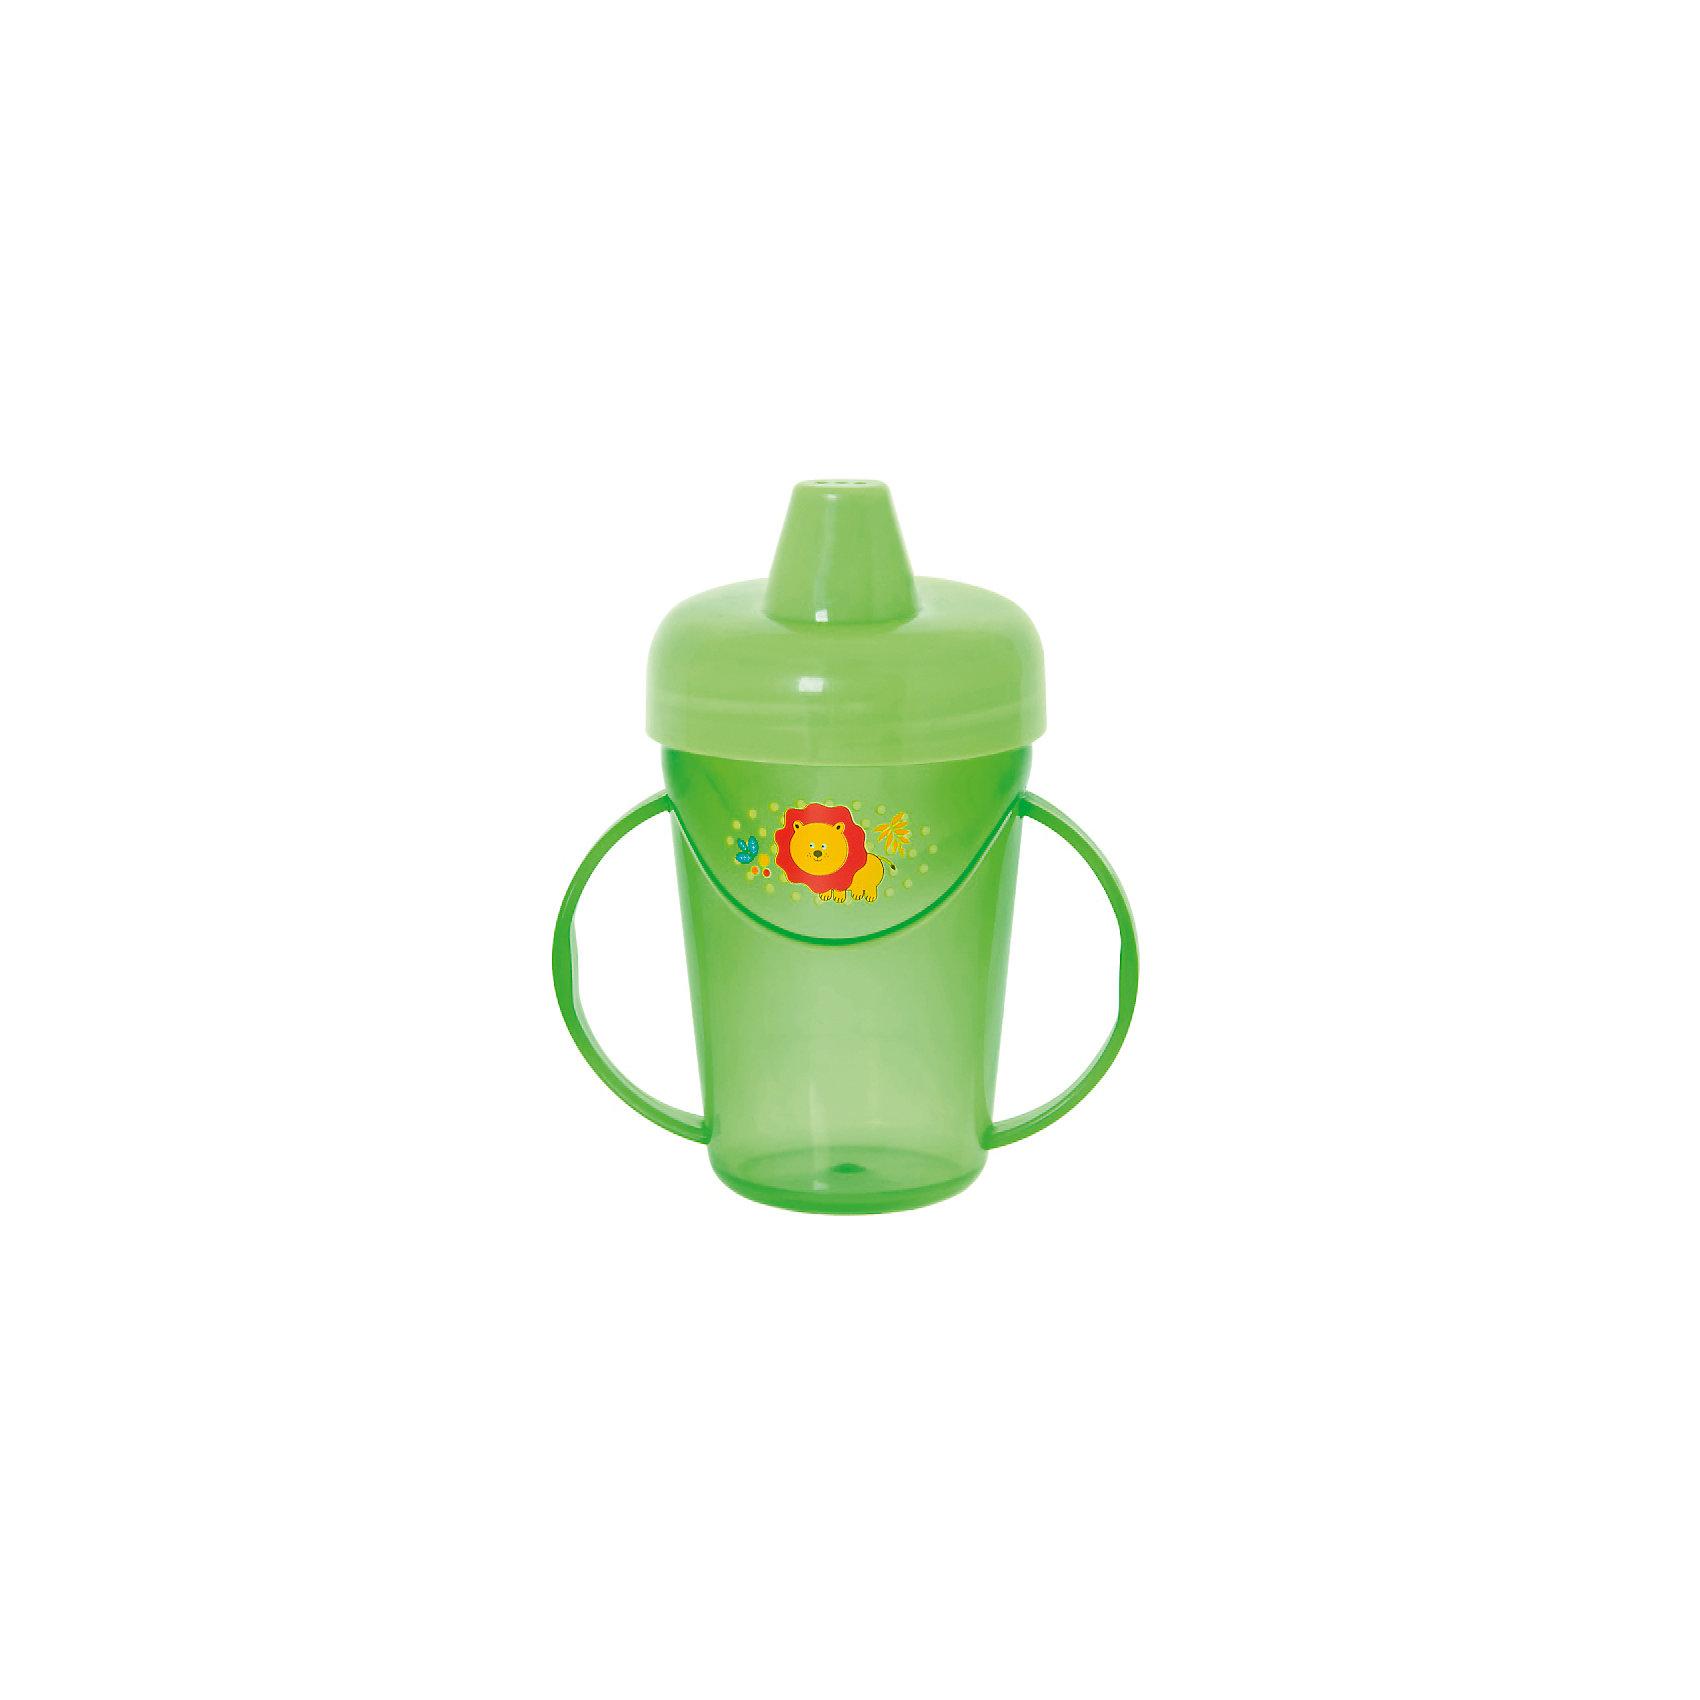 Поильник-непроливайка с ручками, 235 мл, Kurnosiki, зеленыйПоильники<br>Характеристики:<br><br>• Предназначение: для приучения к кружке<br>• Материал: пластик, силикон<br>• Пол: универсальный<br>• Цвет: зелёный<br>• Тематика рисунка: лев<br>• Объем: 235 мл<br>• Тип носика: жесткий<br>• Удобный широкий носик<br>• Съемная крышка<br>• Силиконовый-клапан непроливайка<br>• По бокам на поильнике имеются ручки<br>• Можно использовать как для холодных, так и для горячих напитков<br>• Вес: 80 г<br>• Особенности ухода: разрешается мыть в посудомоечной машине<br><br>Поильник-непроливайка с ручками, 235 мл, Kurnosiki, фиолетовый изготовлен из безопасного и ударопрочного пластика, устойчивого к появлению царапин и сколов. Форма изделия выполнена с учетом особенностей размера детских ручек, поэтому малышу будет удобно держать поильник. <br><br>Крышка оснащена твердым широким носиком, который обеспечивает оптимальный поток жидкости. Крышка с носиком плотно и герметично фиксируется на стакане, дополнительно предусмотрен силиконовый клапан, который защищает от проливания и протекания. <br><br>Изделие выполнено в ярком дизайне: стакан декорирован изображением бегемотика. Без крышки изделие можно использовать в качестве стакана. С поильником-непроливайкой с ручками, 235 мл, Kurnosiki, фиолетовый ваш малыш легко и быстро научится пить из кружки!<br><br>Поильник-непроливайку с ручками, 235 мл, Kurnosiki, фиолетовый можно купить в нашем интернет-магазине.<br><br>Ширина мм: 80<br>Глубина мм: 120<br>Высота мм: 190<br>Вес г: 80<br>Возраст от месяцев: 4<br>Возраст до месяцев: 36<br>Пол: Унисекс<br>Возраст: Детский<br>SKU: 5428736